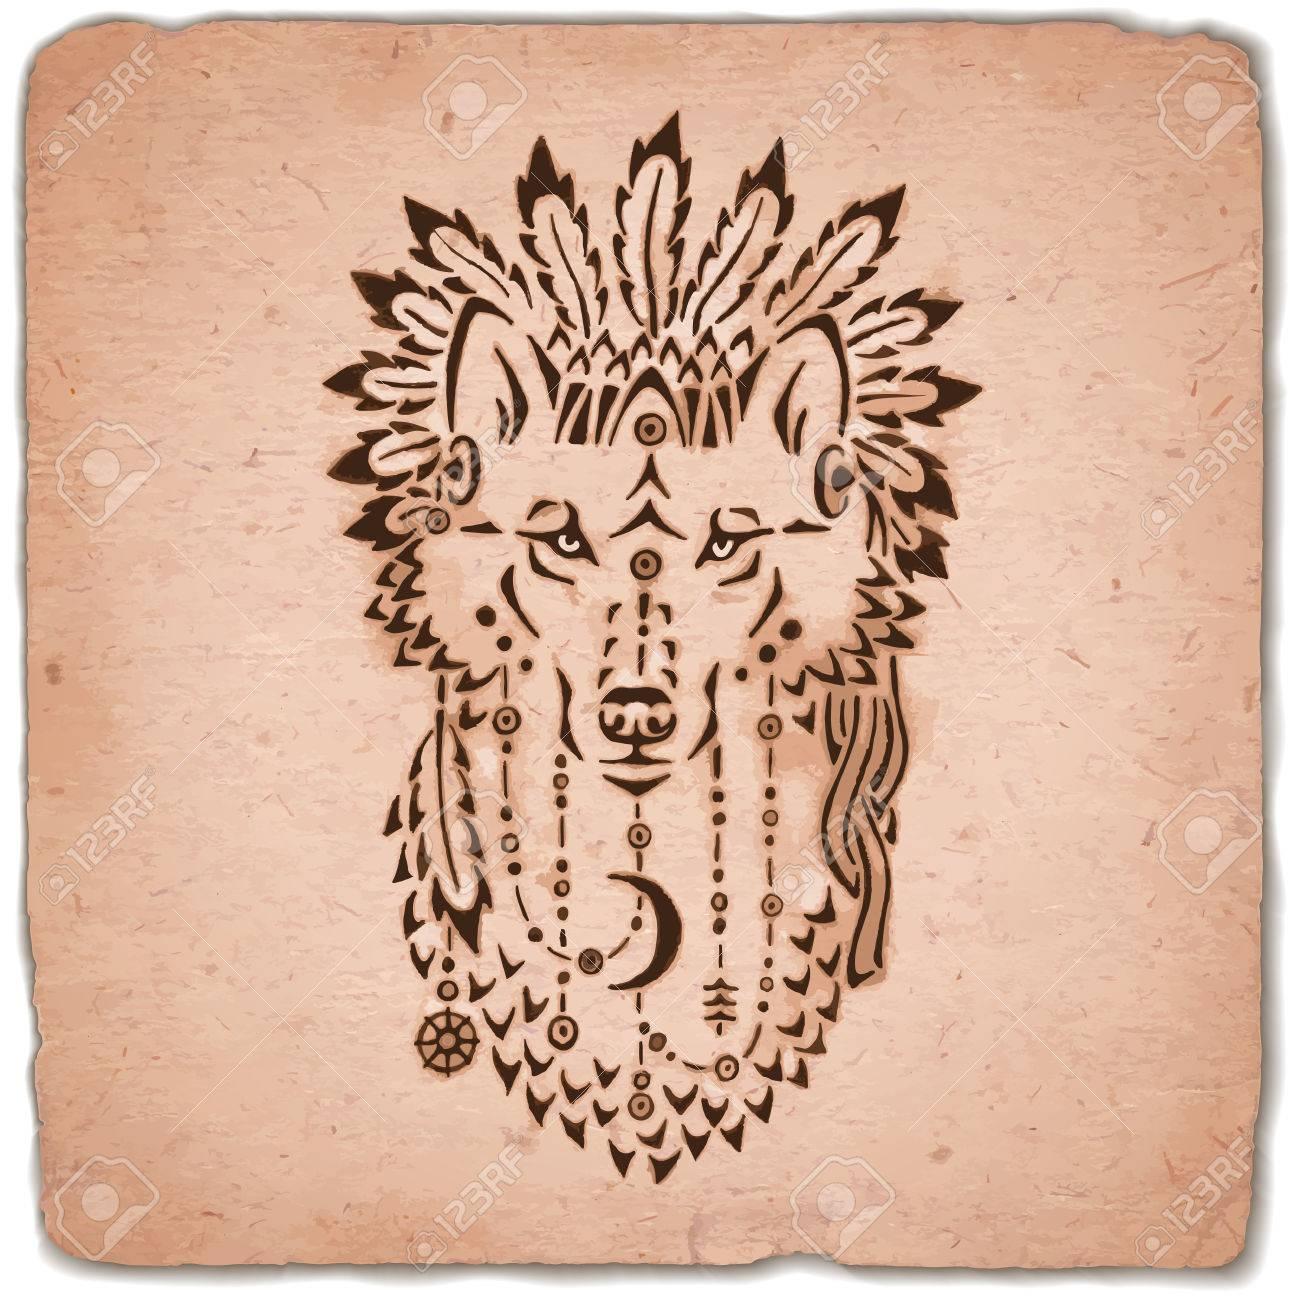 狼ウォー ボンネット、手描きの動物イラスト、ネイティブ アメリカン